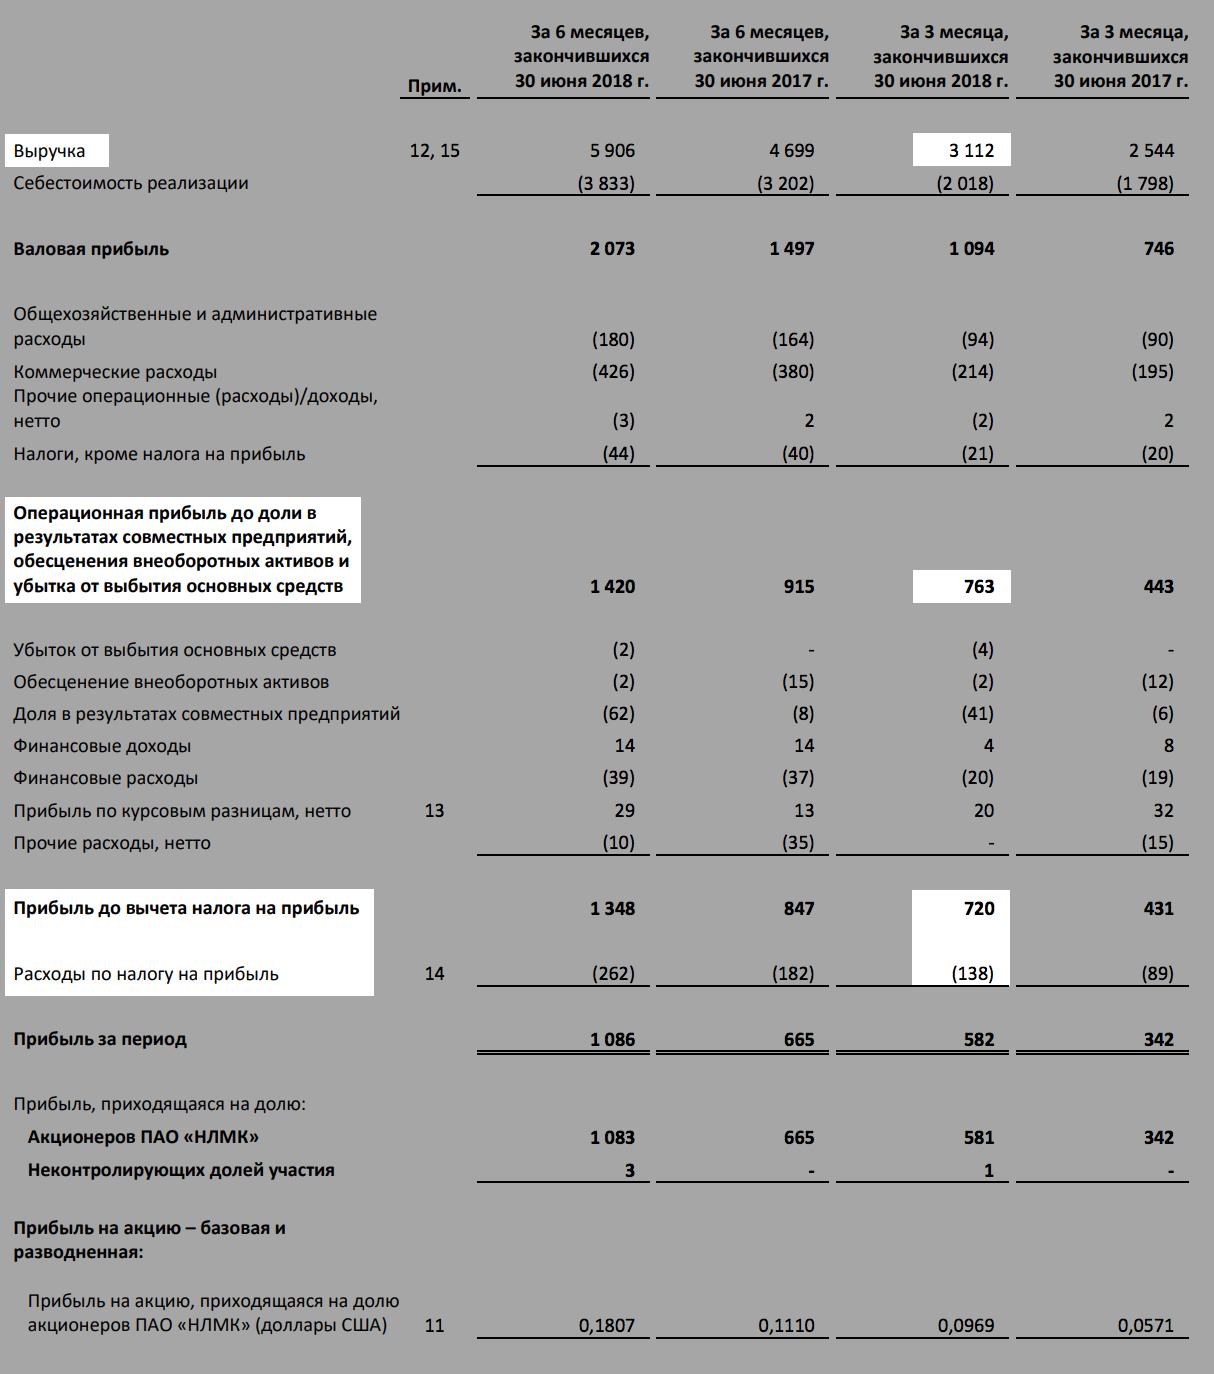 Страница 5 отчета НЛМК за 2 квартал 2018 года